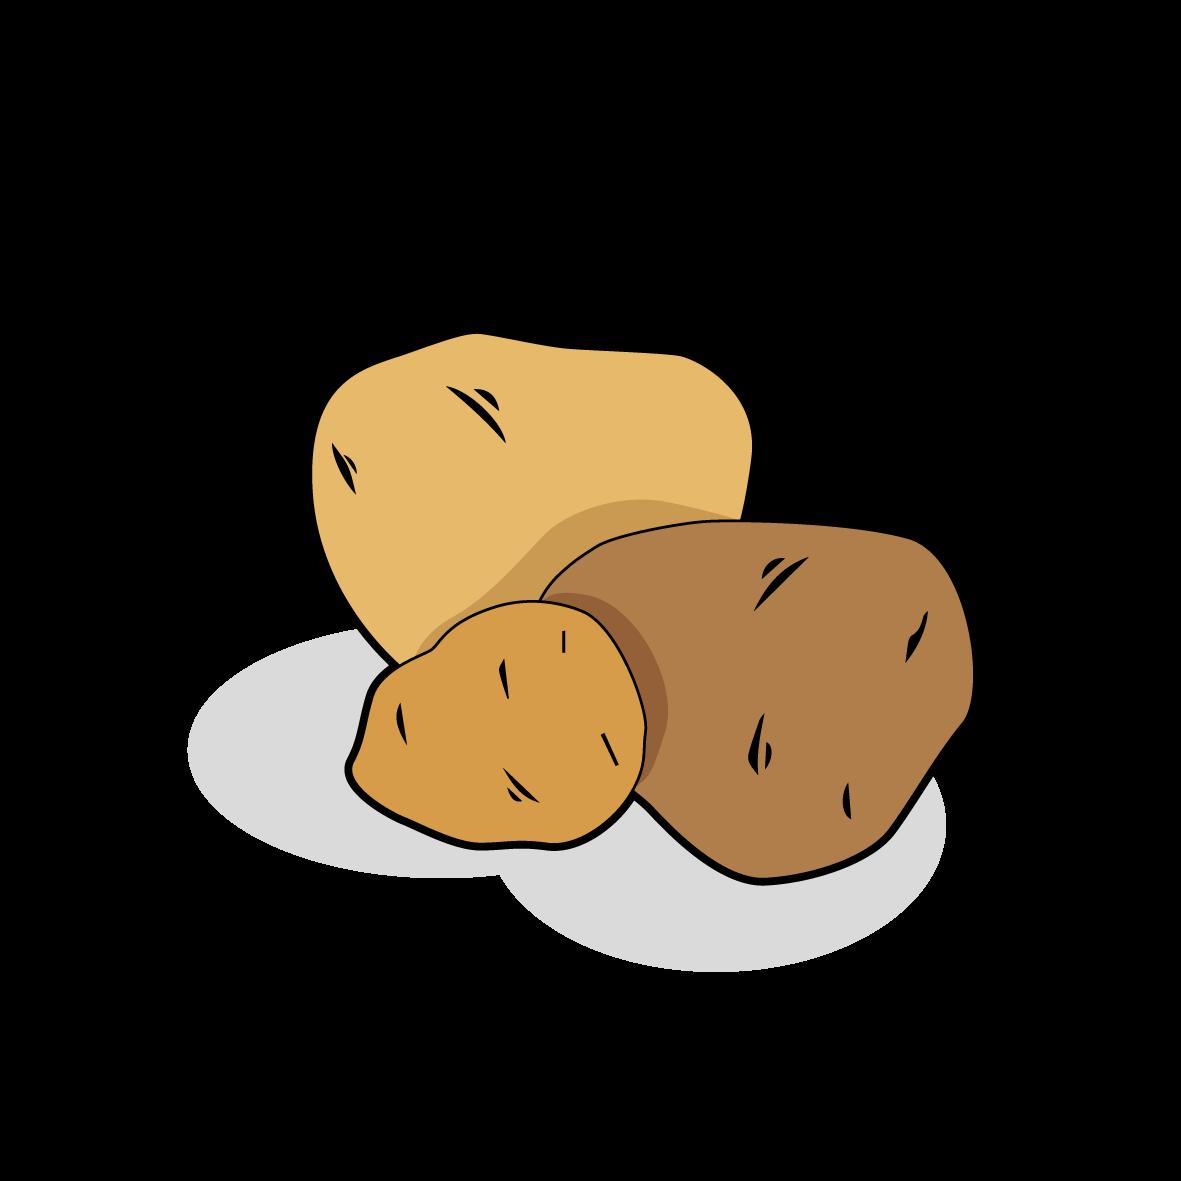 Icone de pommes de terre, ailmacocotte.com